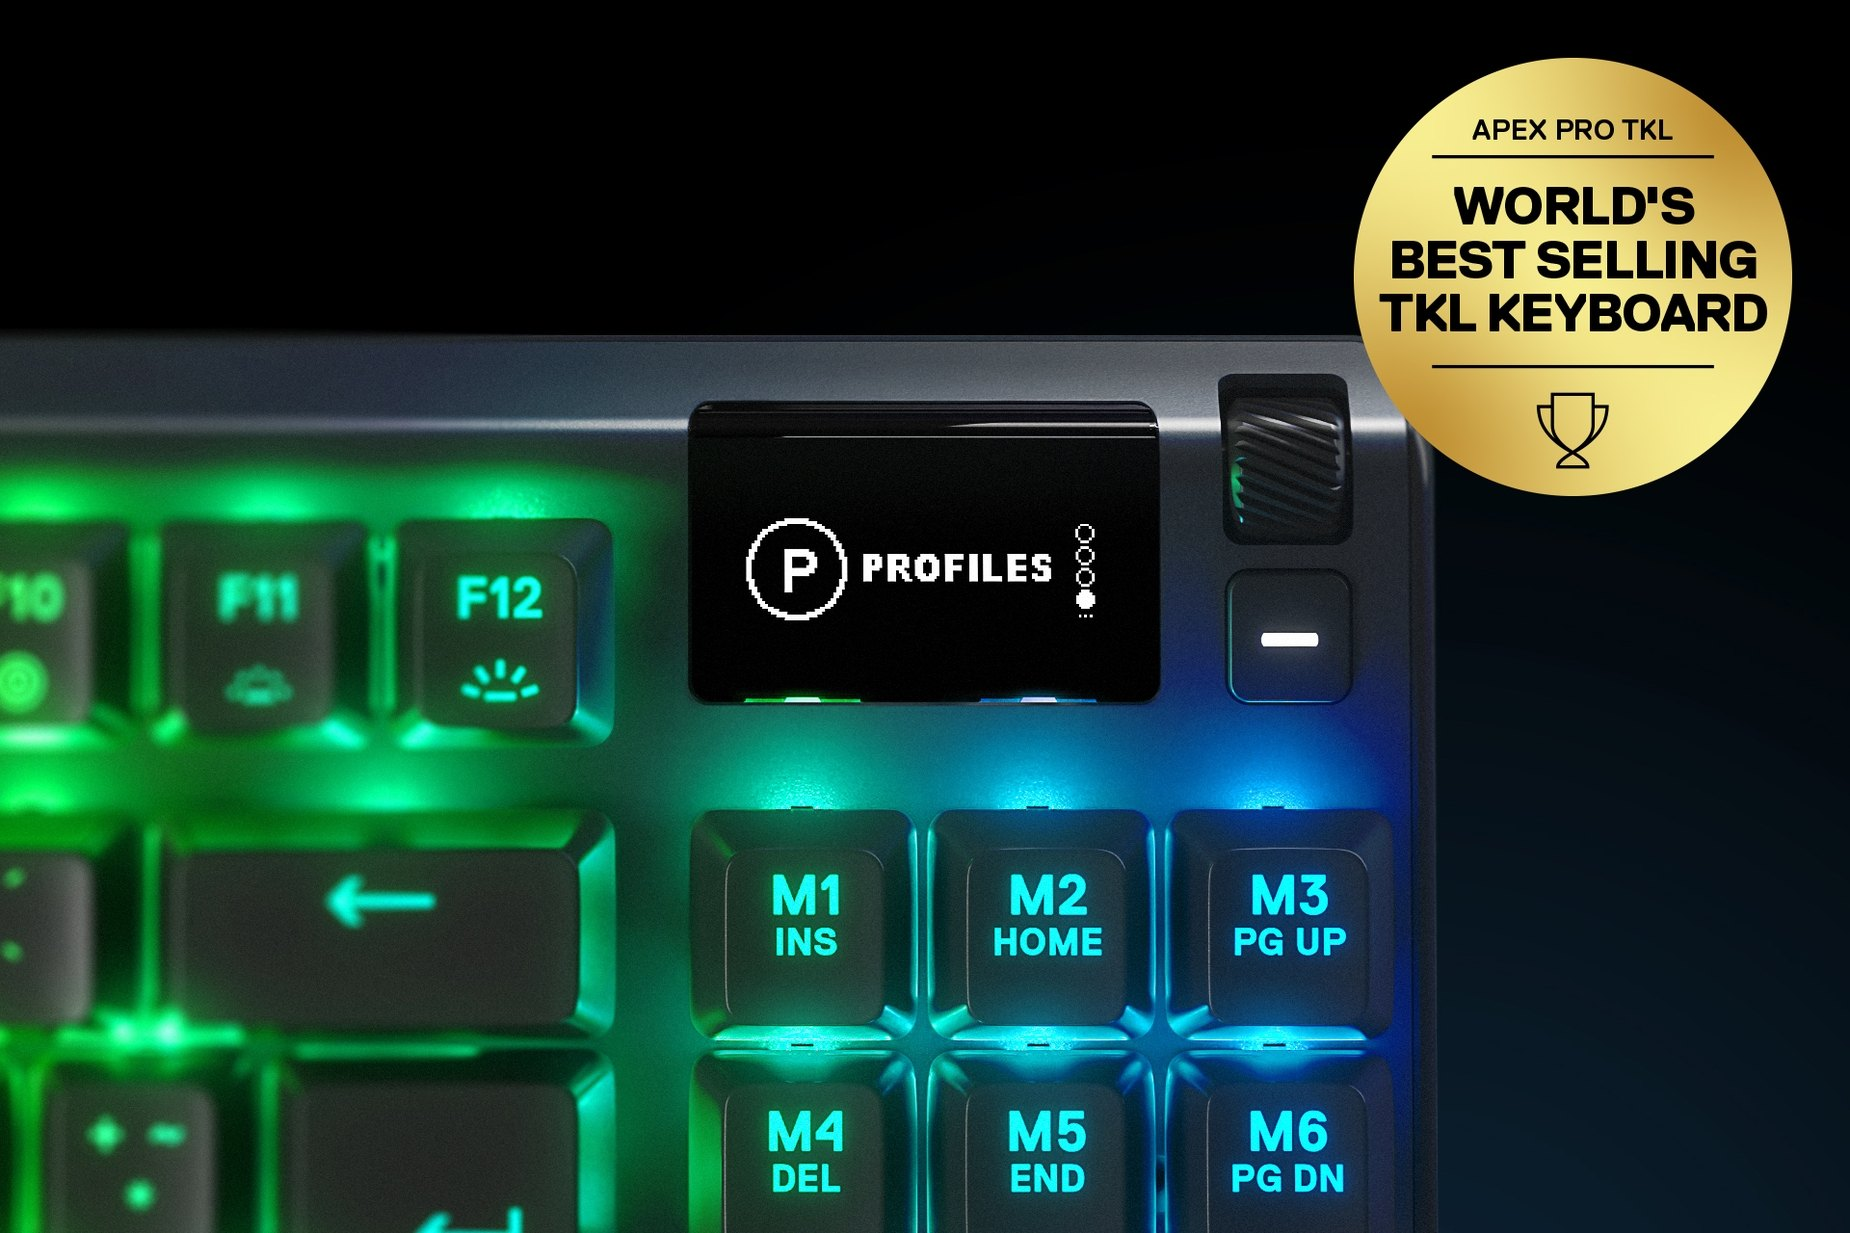 """Zoom auf das Multimedia- und Einstellungs-/Lautstärkerad auf der deutschen Tastatur - Apex PRO TKL Gaming-Tastatur. Neben der Tastatur schwebt eine goldene Auszeichnung mit dem Text """"Weltweit meistverkaufte TKL-Tastatur""""."""